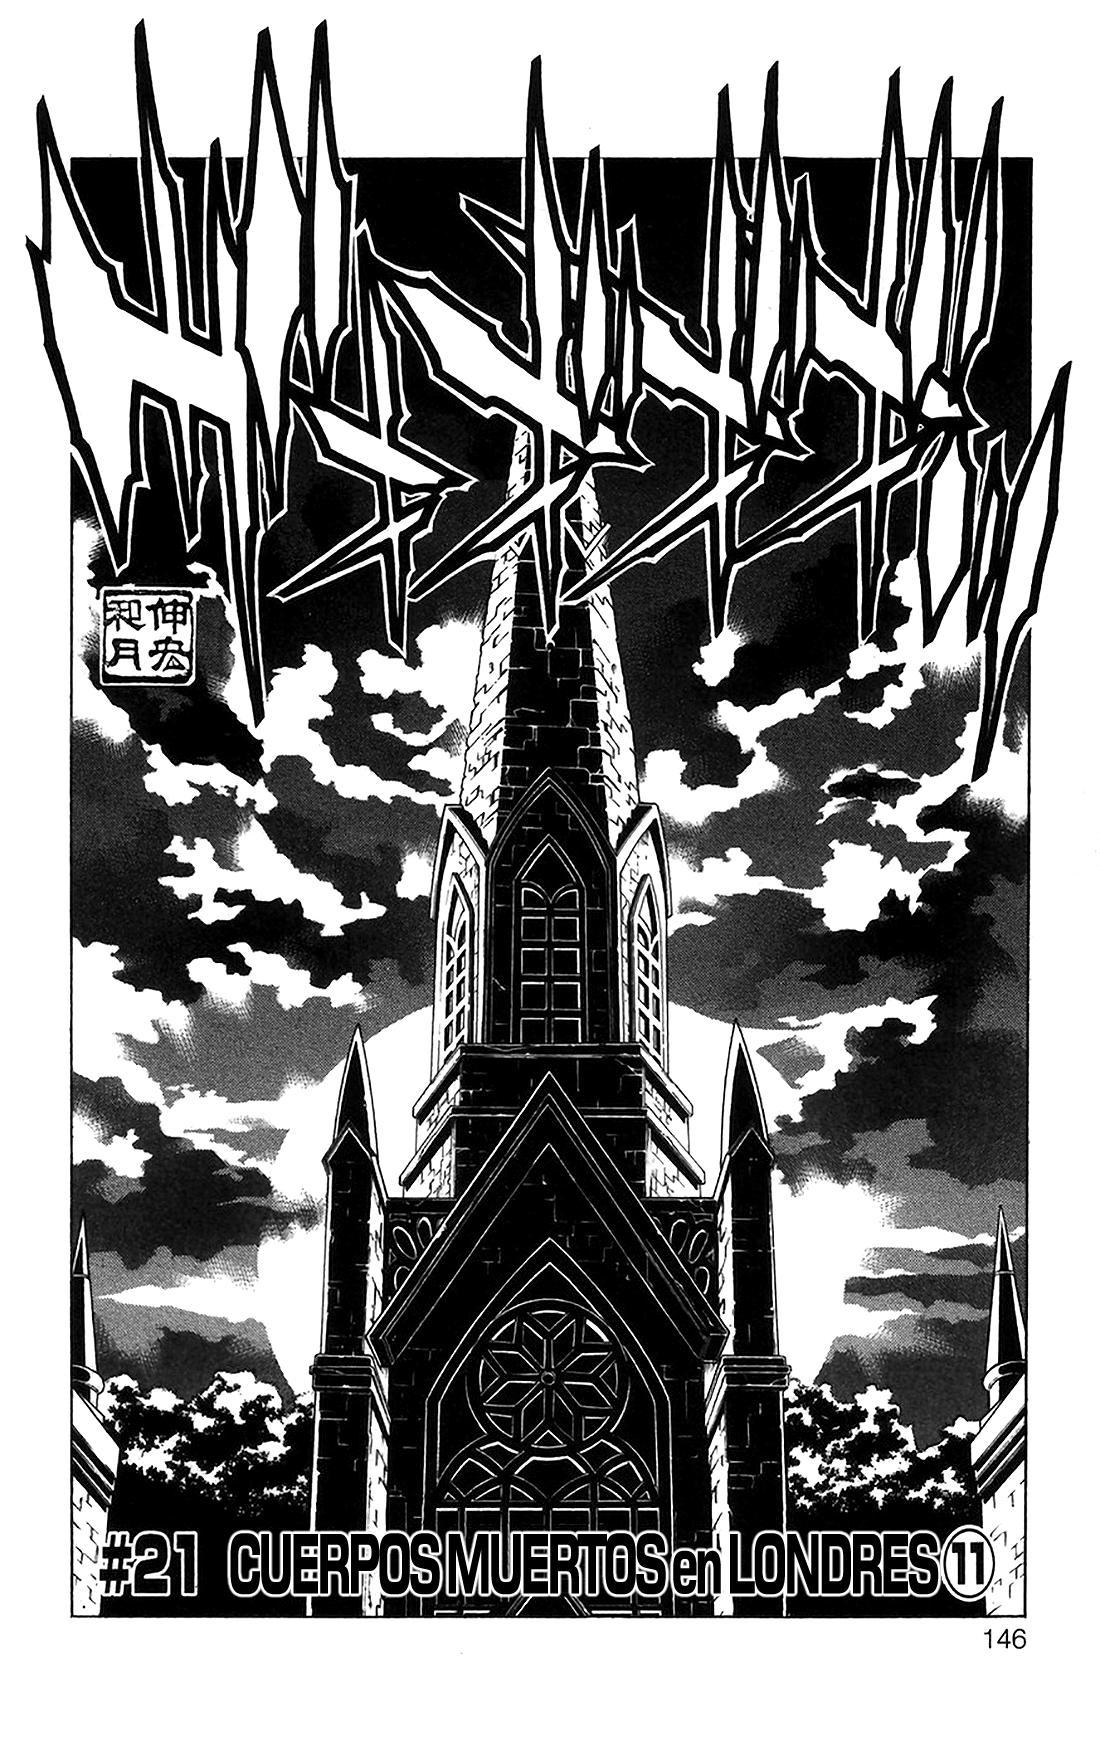 http://c5.ninemanga.com/es_manga/45/18797/447912/cbd159e576d9b7ede8622c4fe355d50b.jpg Page 2